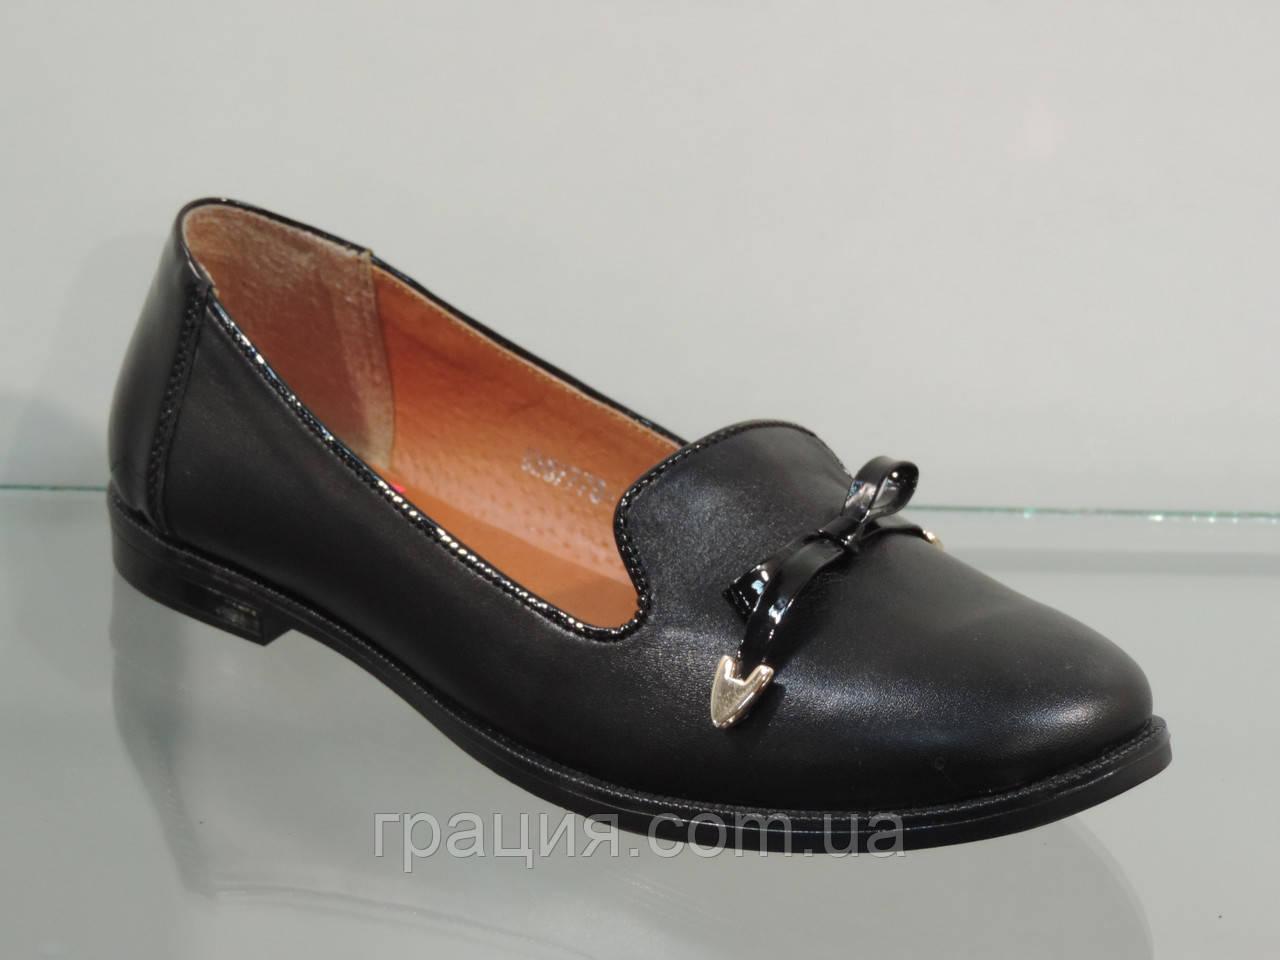 Зручні жіночі туфлі натуральна шкіра